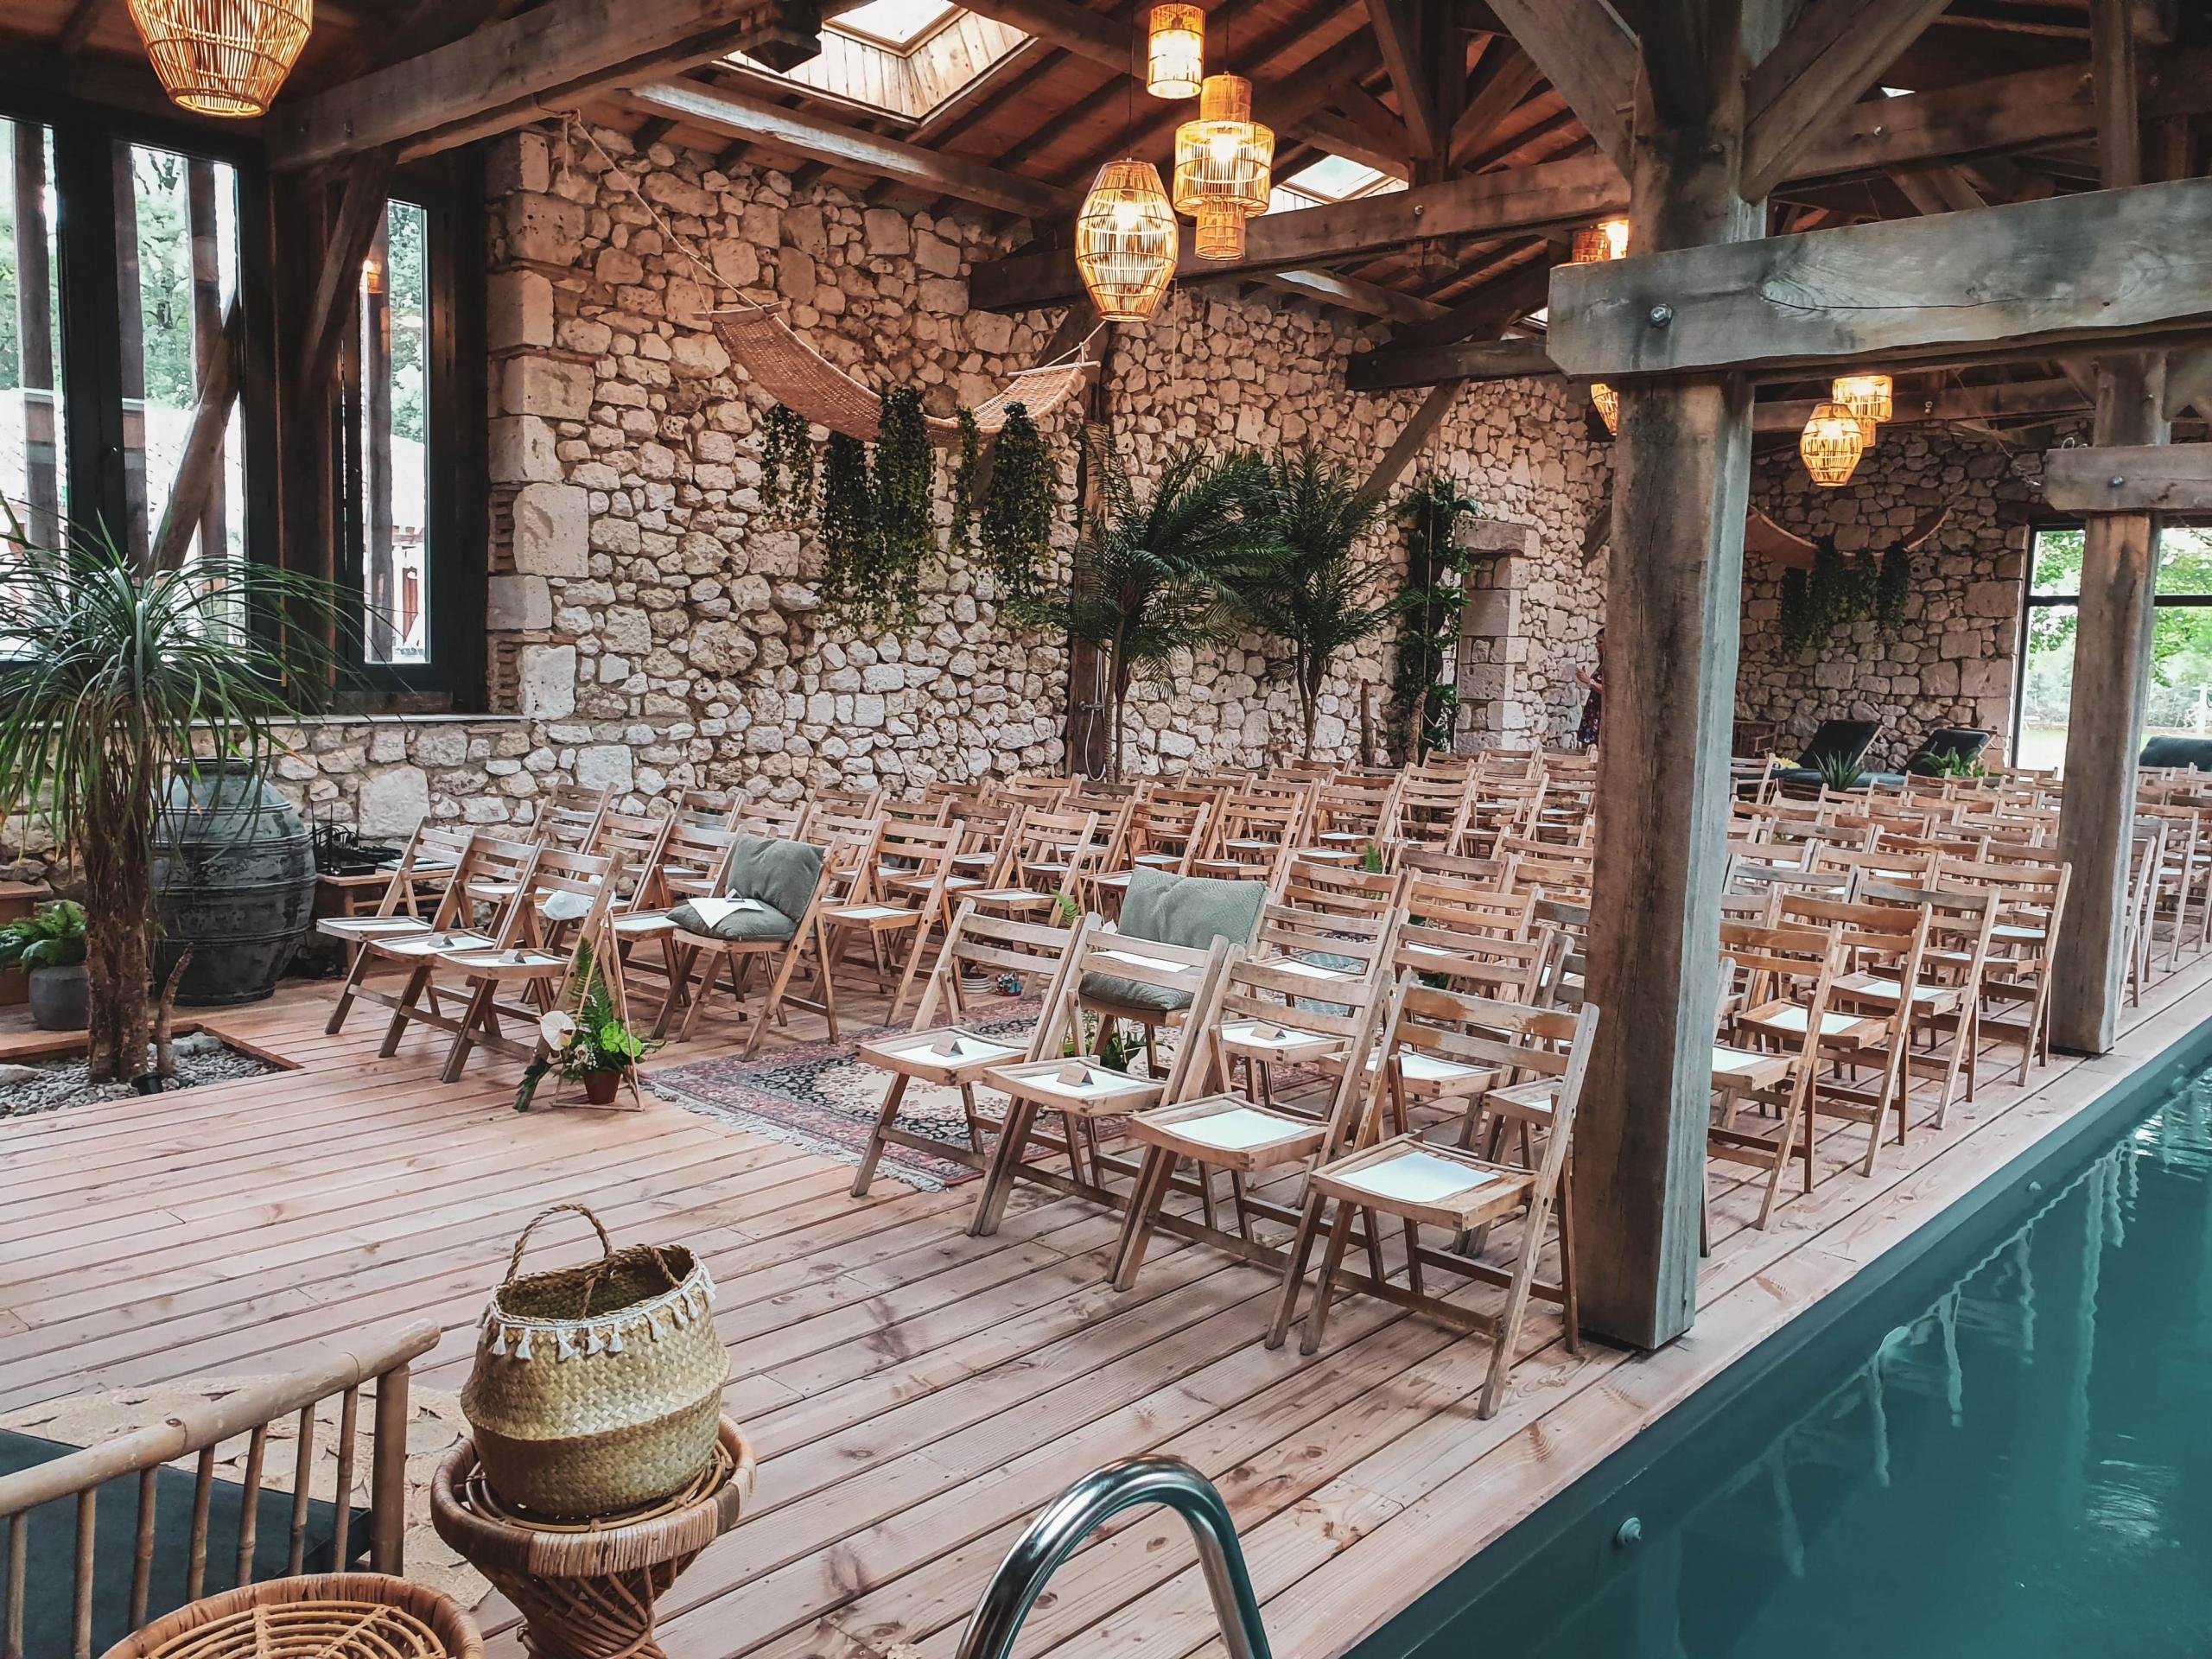 Lieu d'un mariage avec réception des convives au Clos des Charmes, à étaimpuis. évènement organisé par l'Agence Amoren.